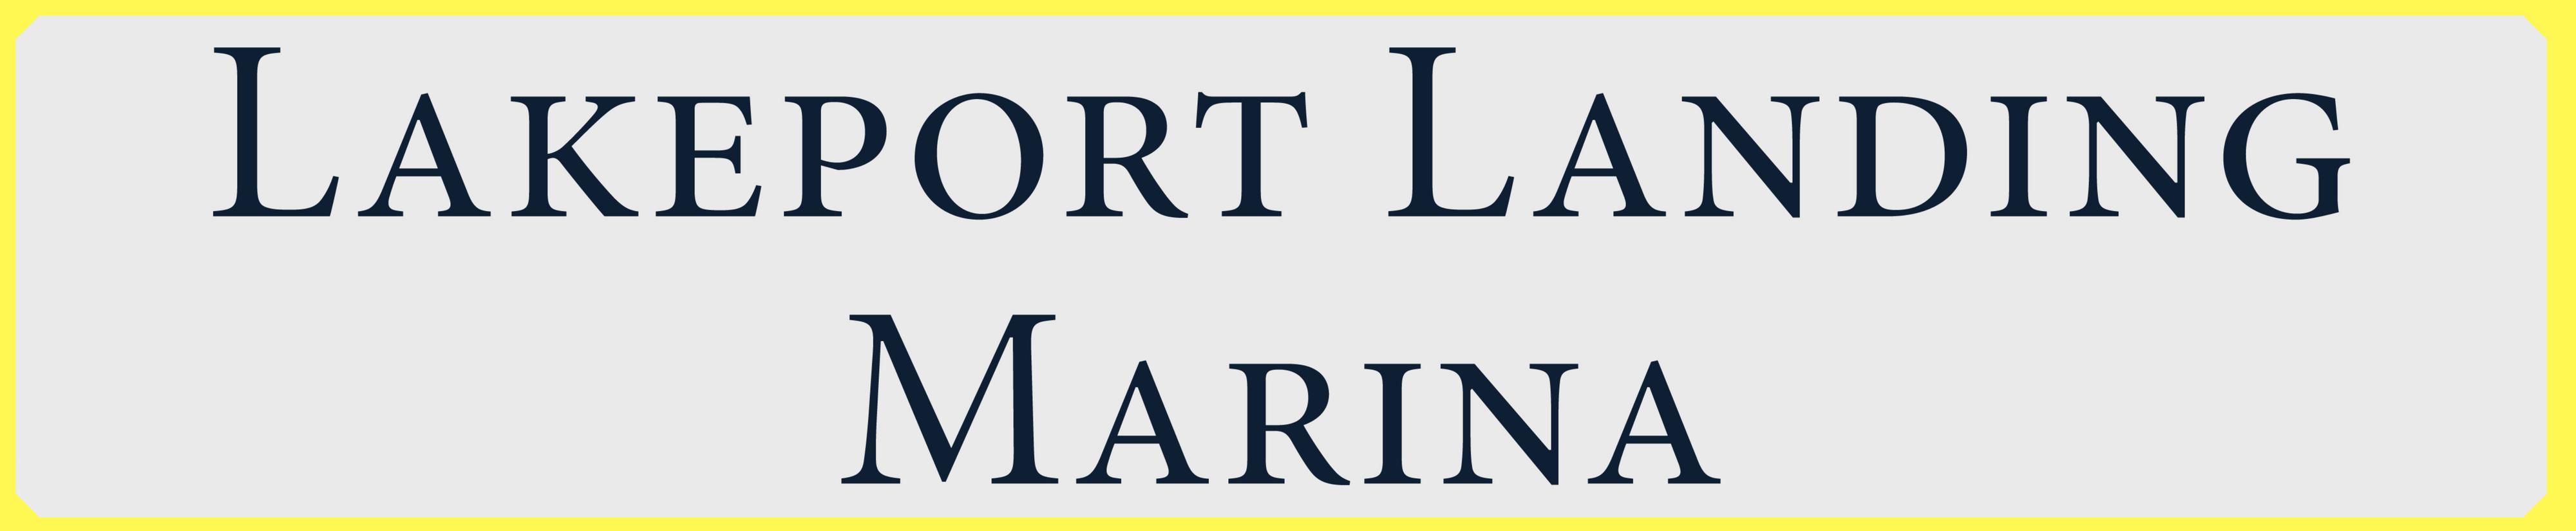 lakeportlanding.com logo